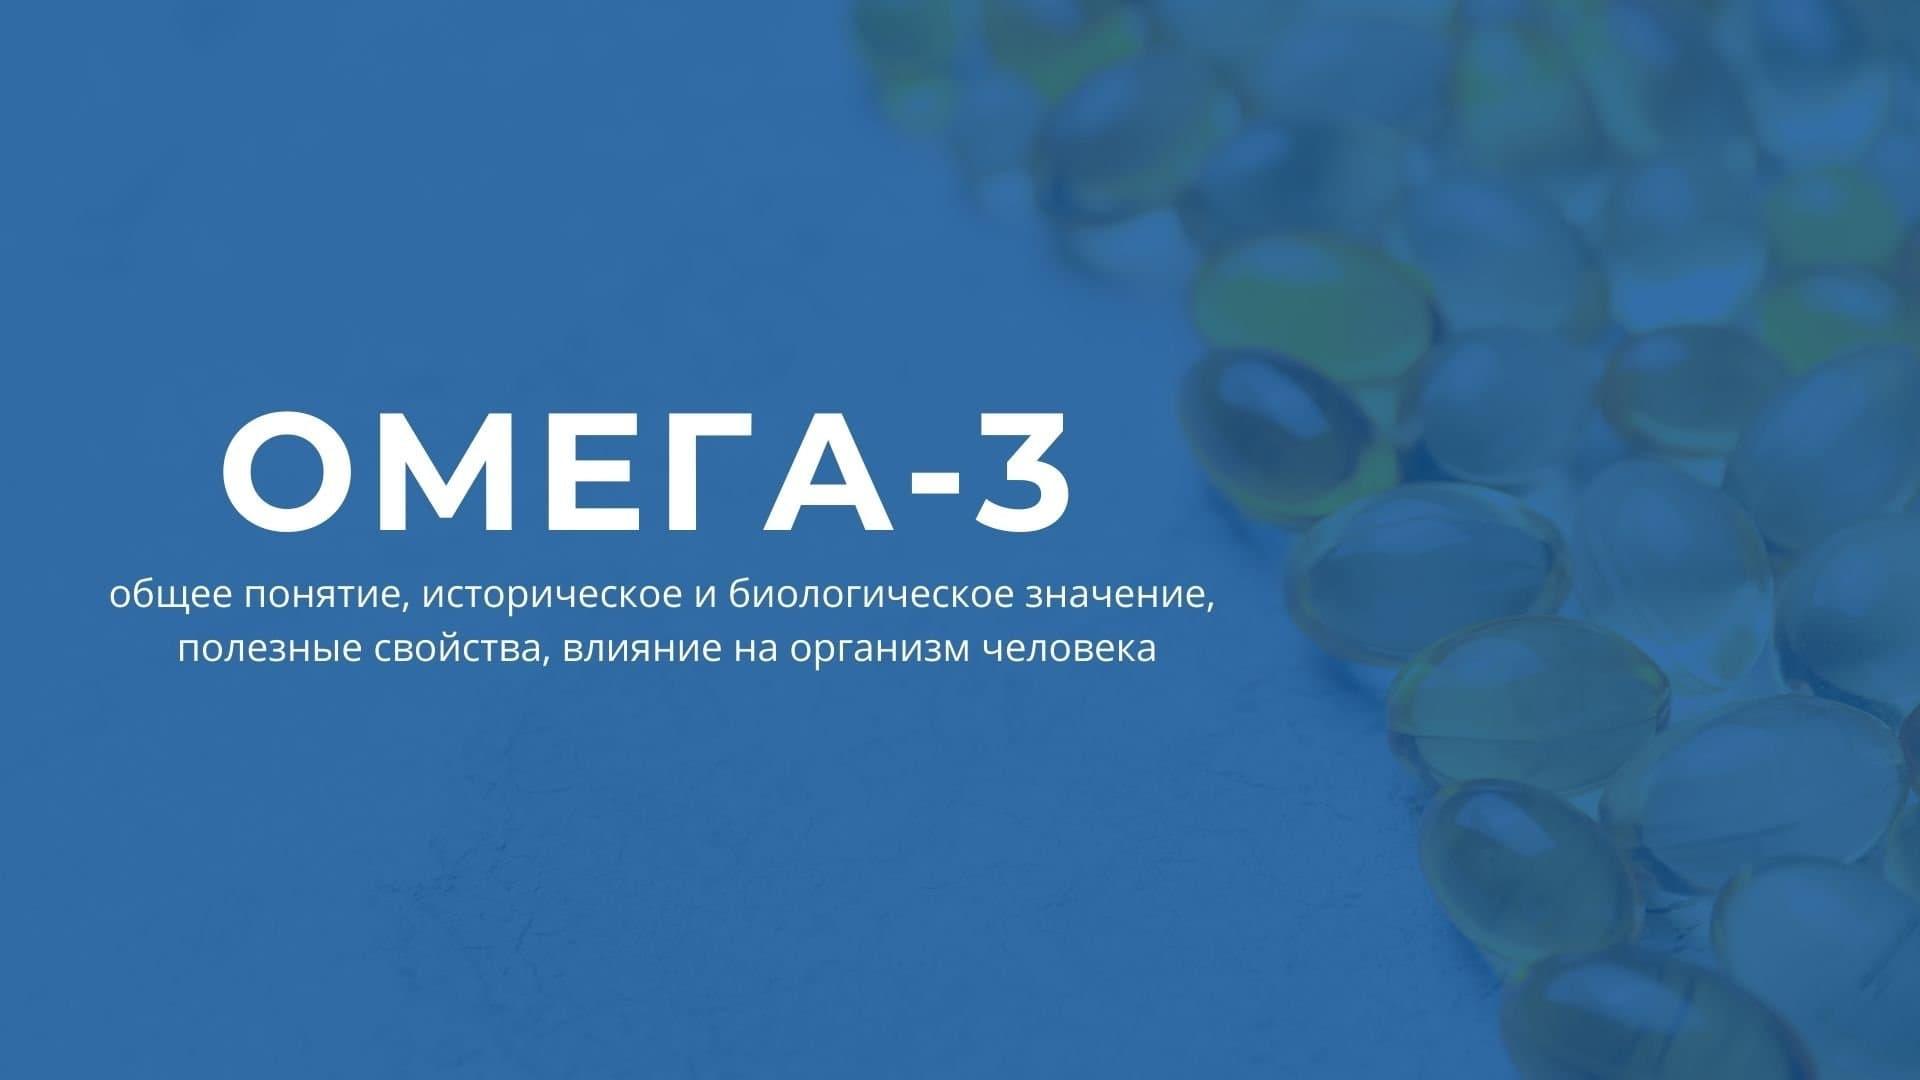 Омега-3: общее понятие, историческое и биологическое значение, полезные свойства, влияние на организм человека